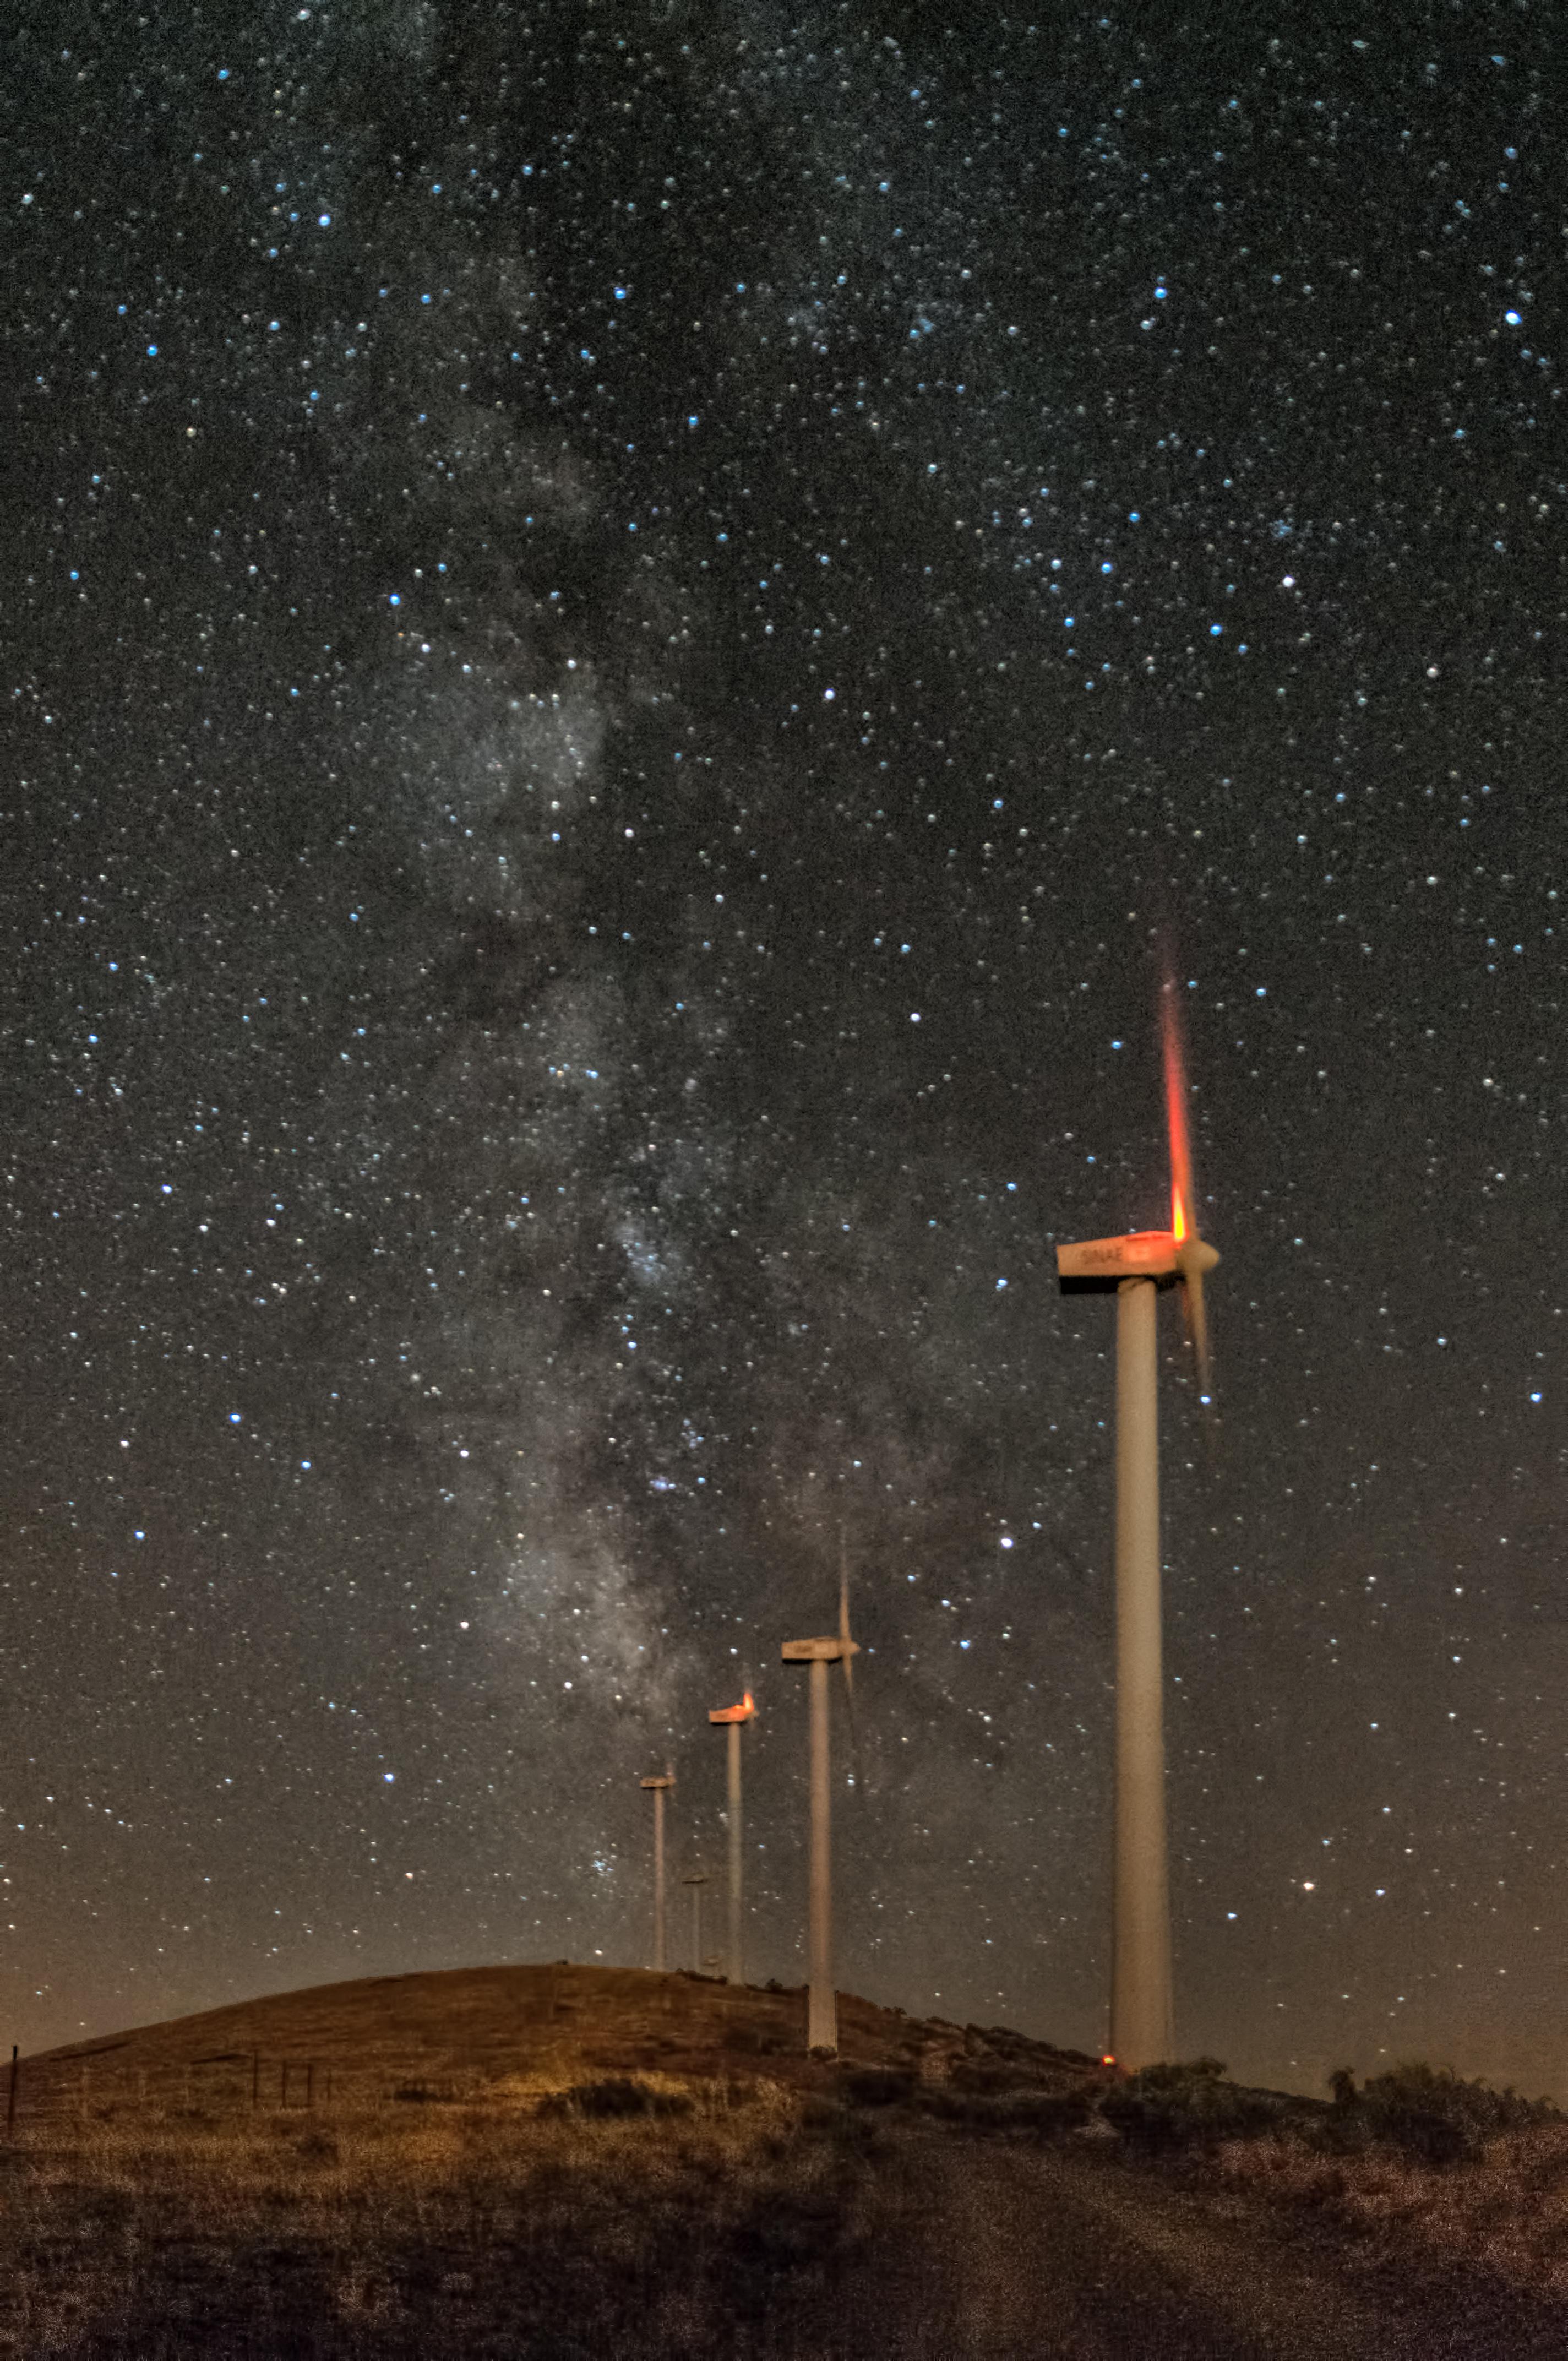 Vía de los molinos que fabrican estrellas V%C3%ADa%20de%20los%20molinos%20que%20fabrican%20estrellas